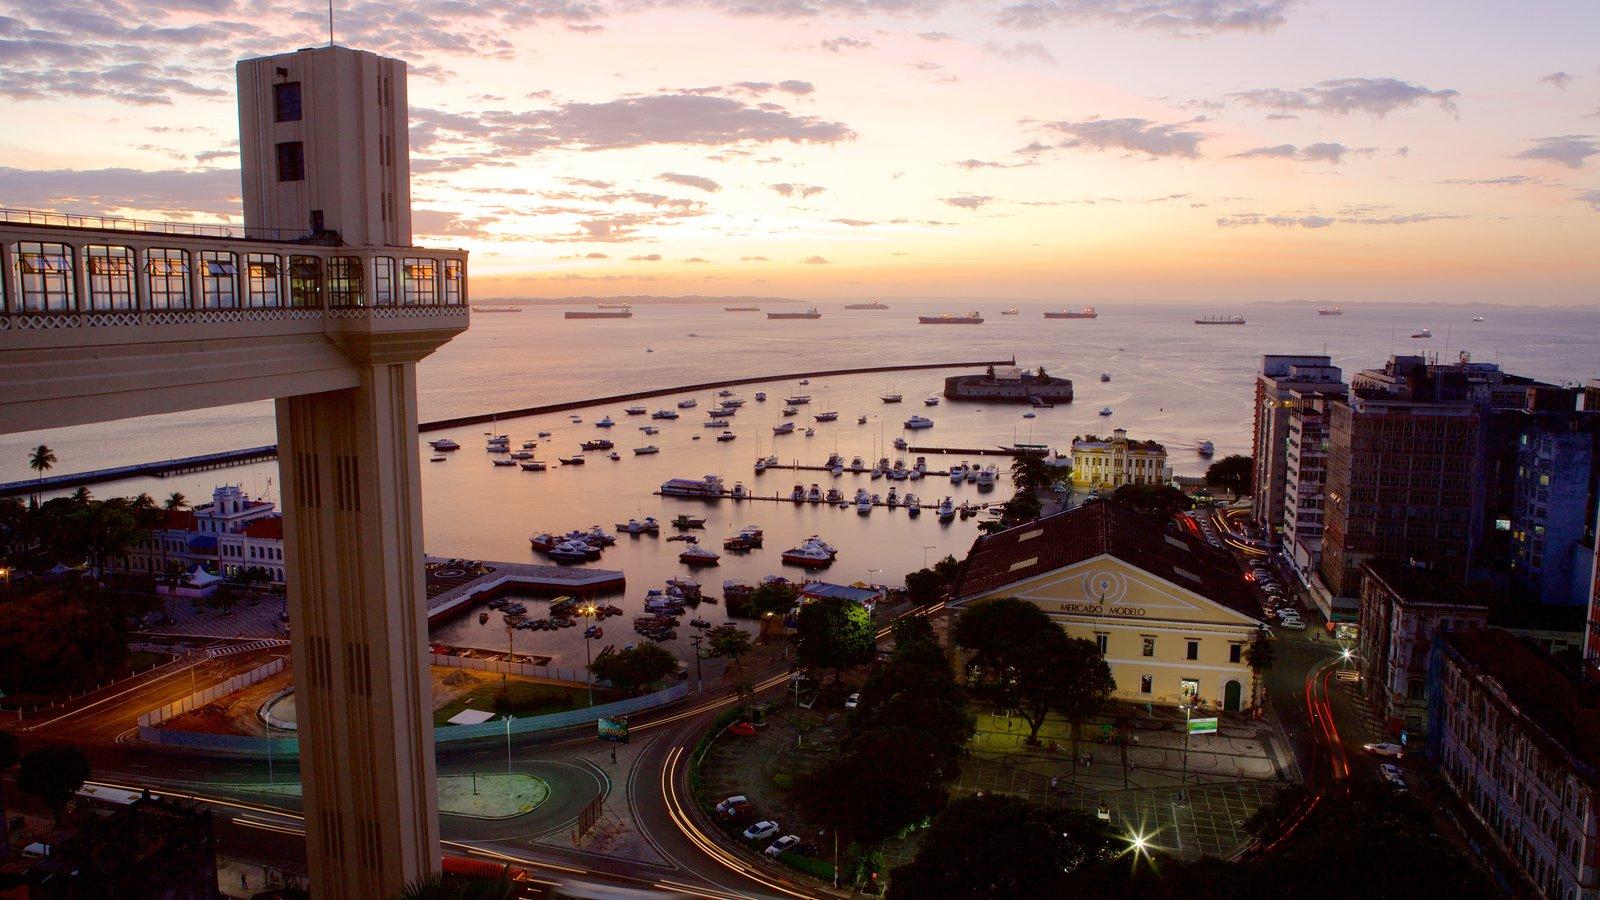 Salvador mostrando uma marina, paisagens litorâneas e uma cidade litorânea